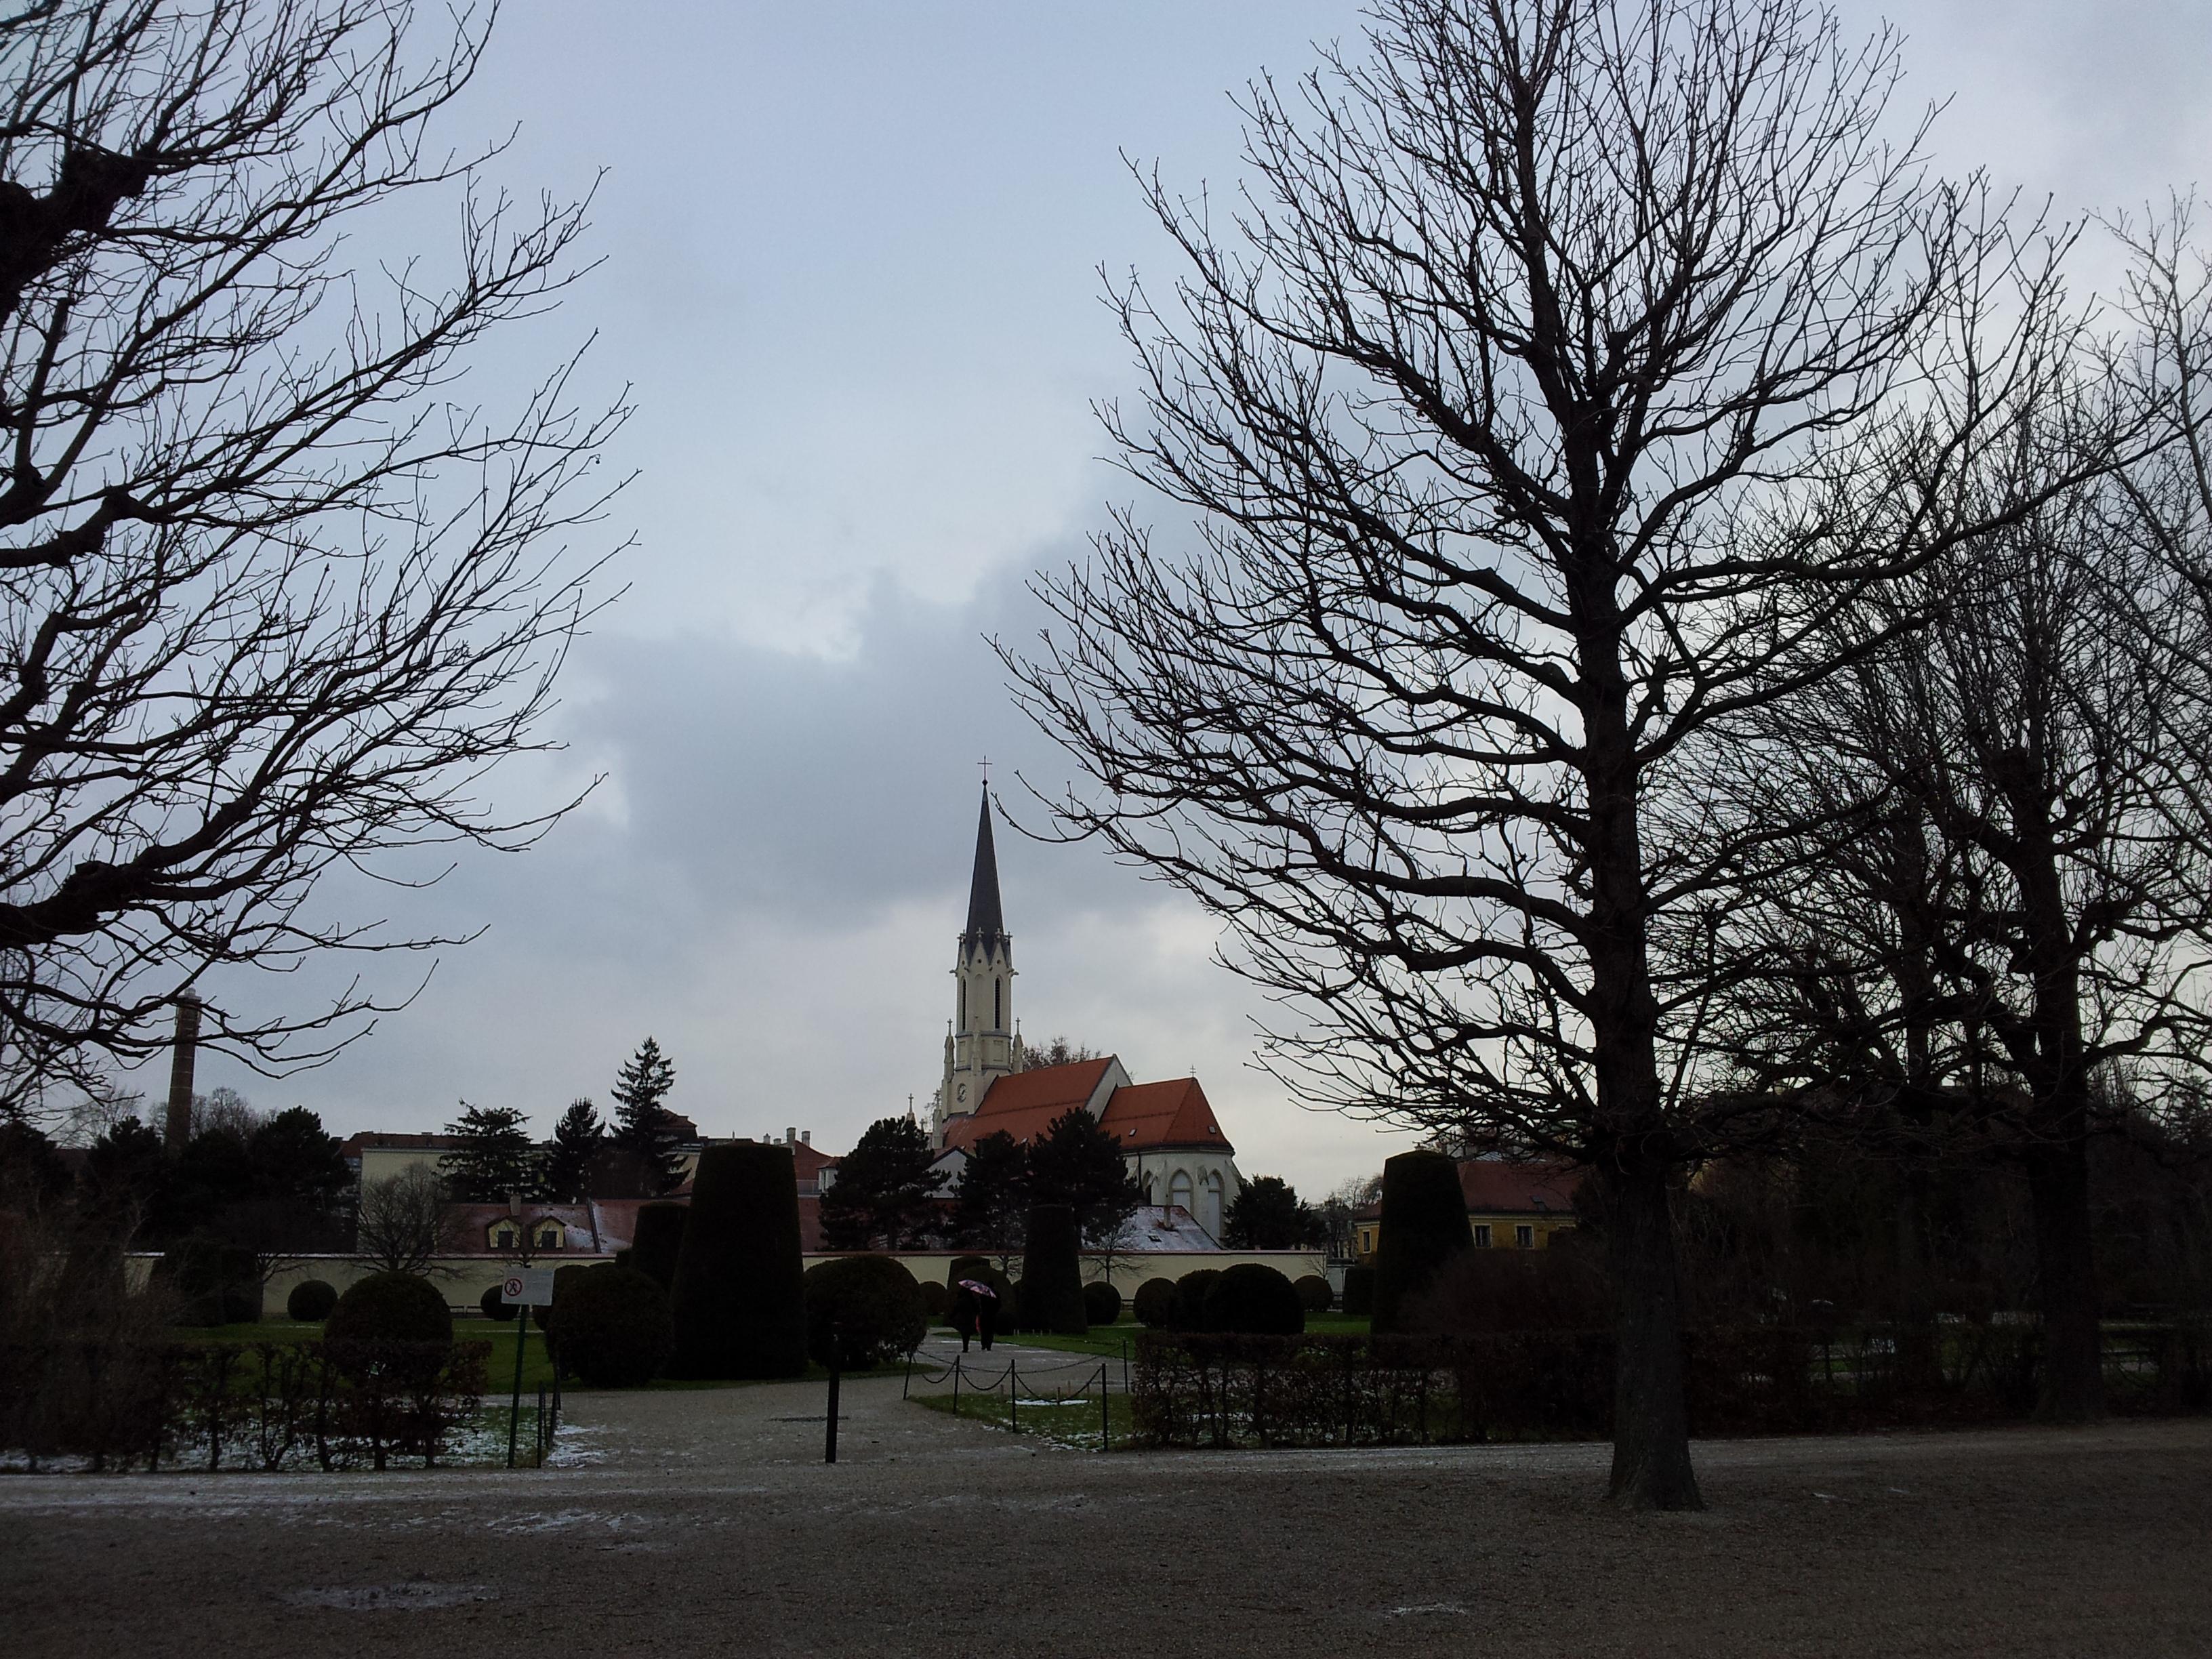 Palmenhaus und Kirche